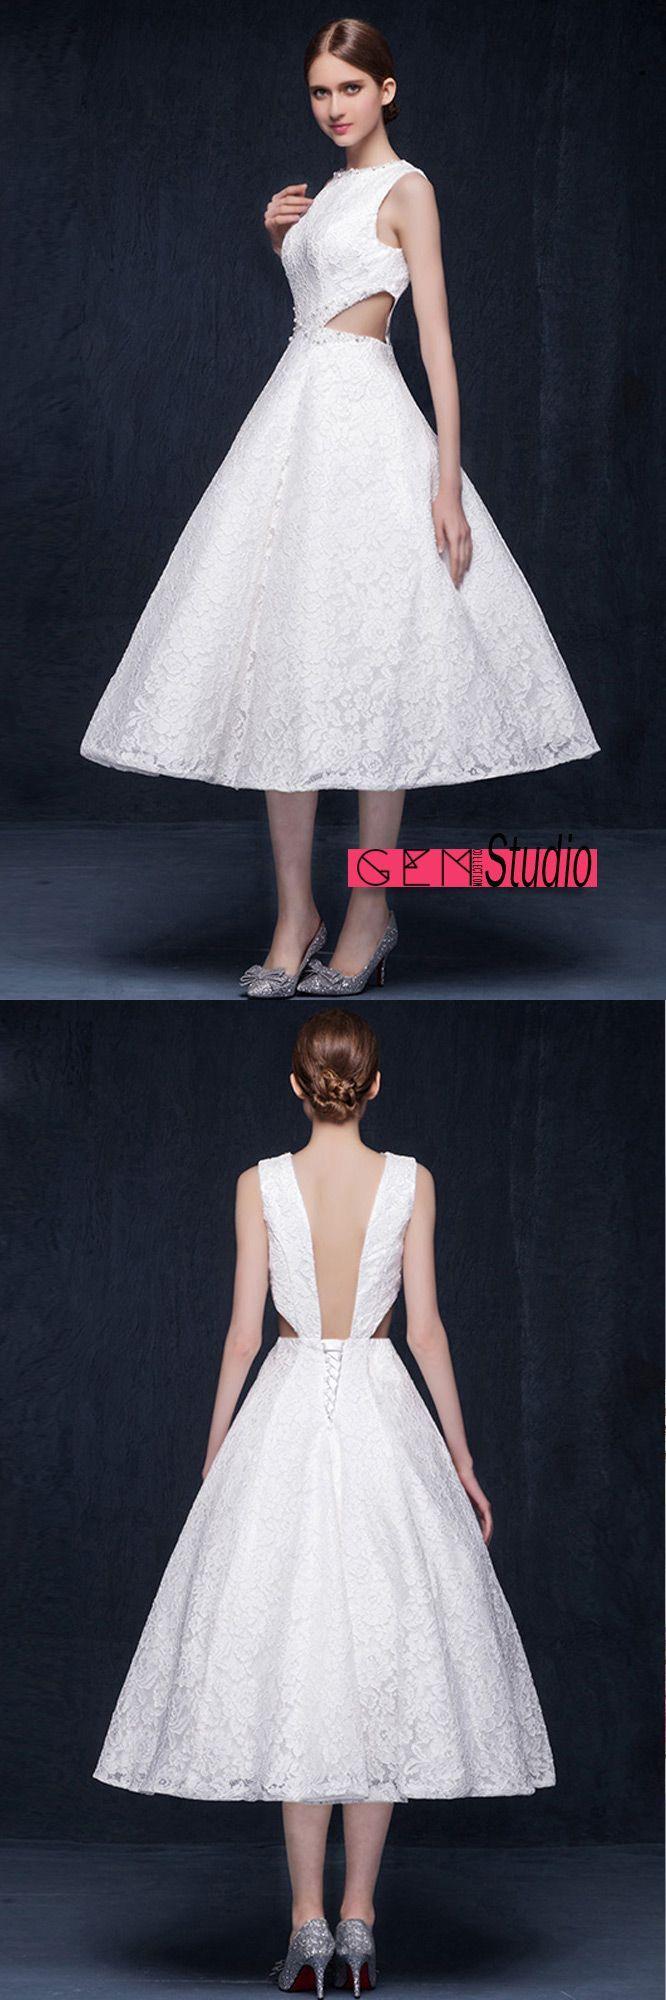 Vintage lace tea length wedding dresses backless aline high neck